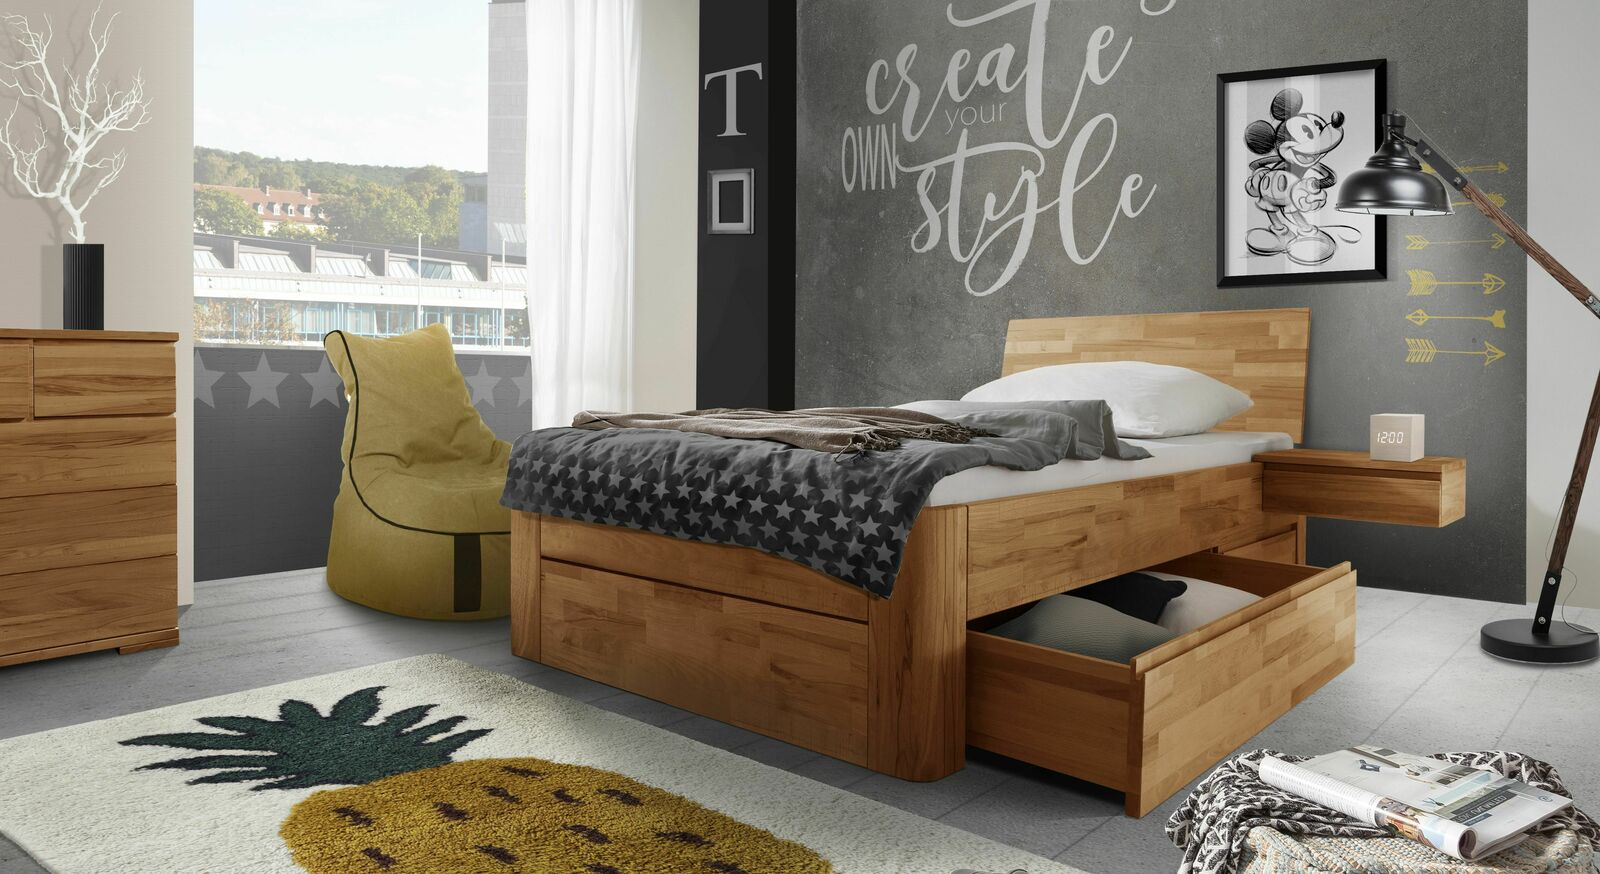 Schubkasten-Einzelbett Zarbo mit passenden Möbeln